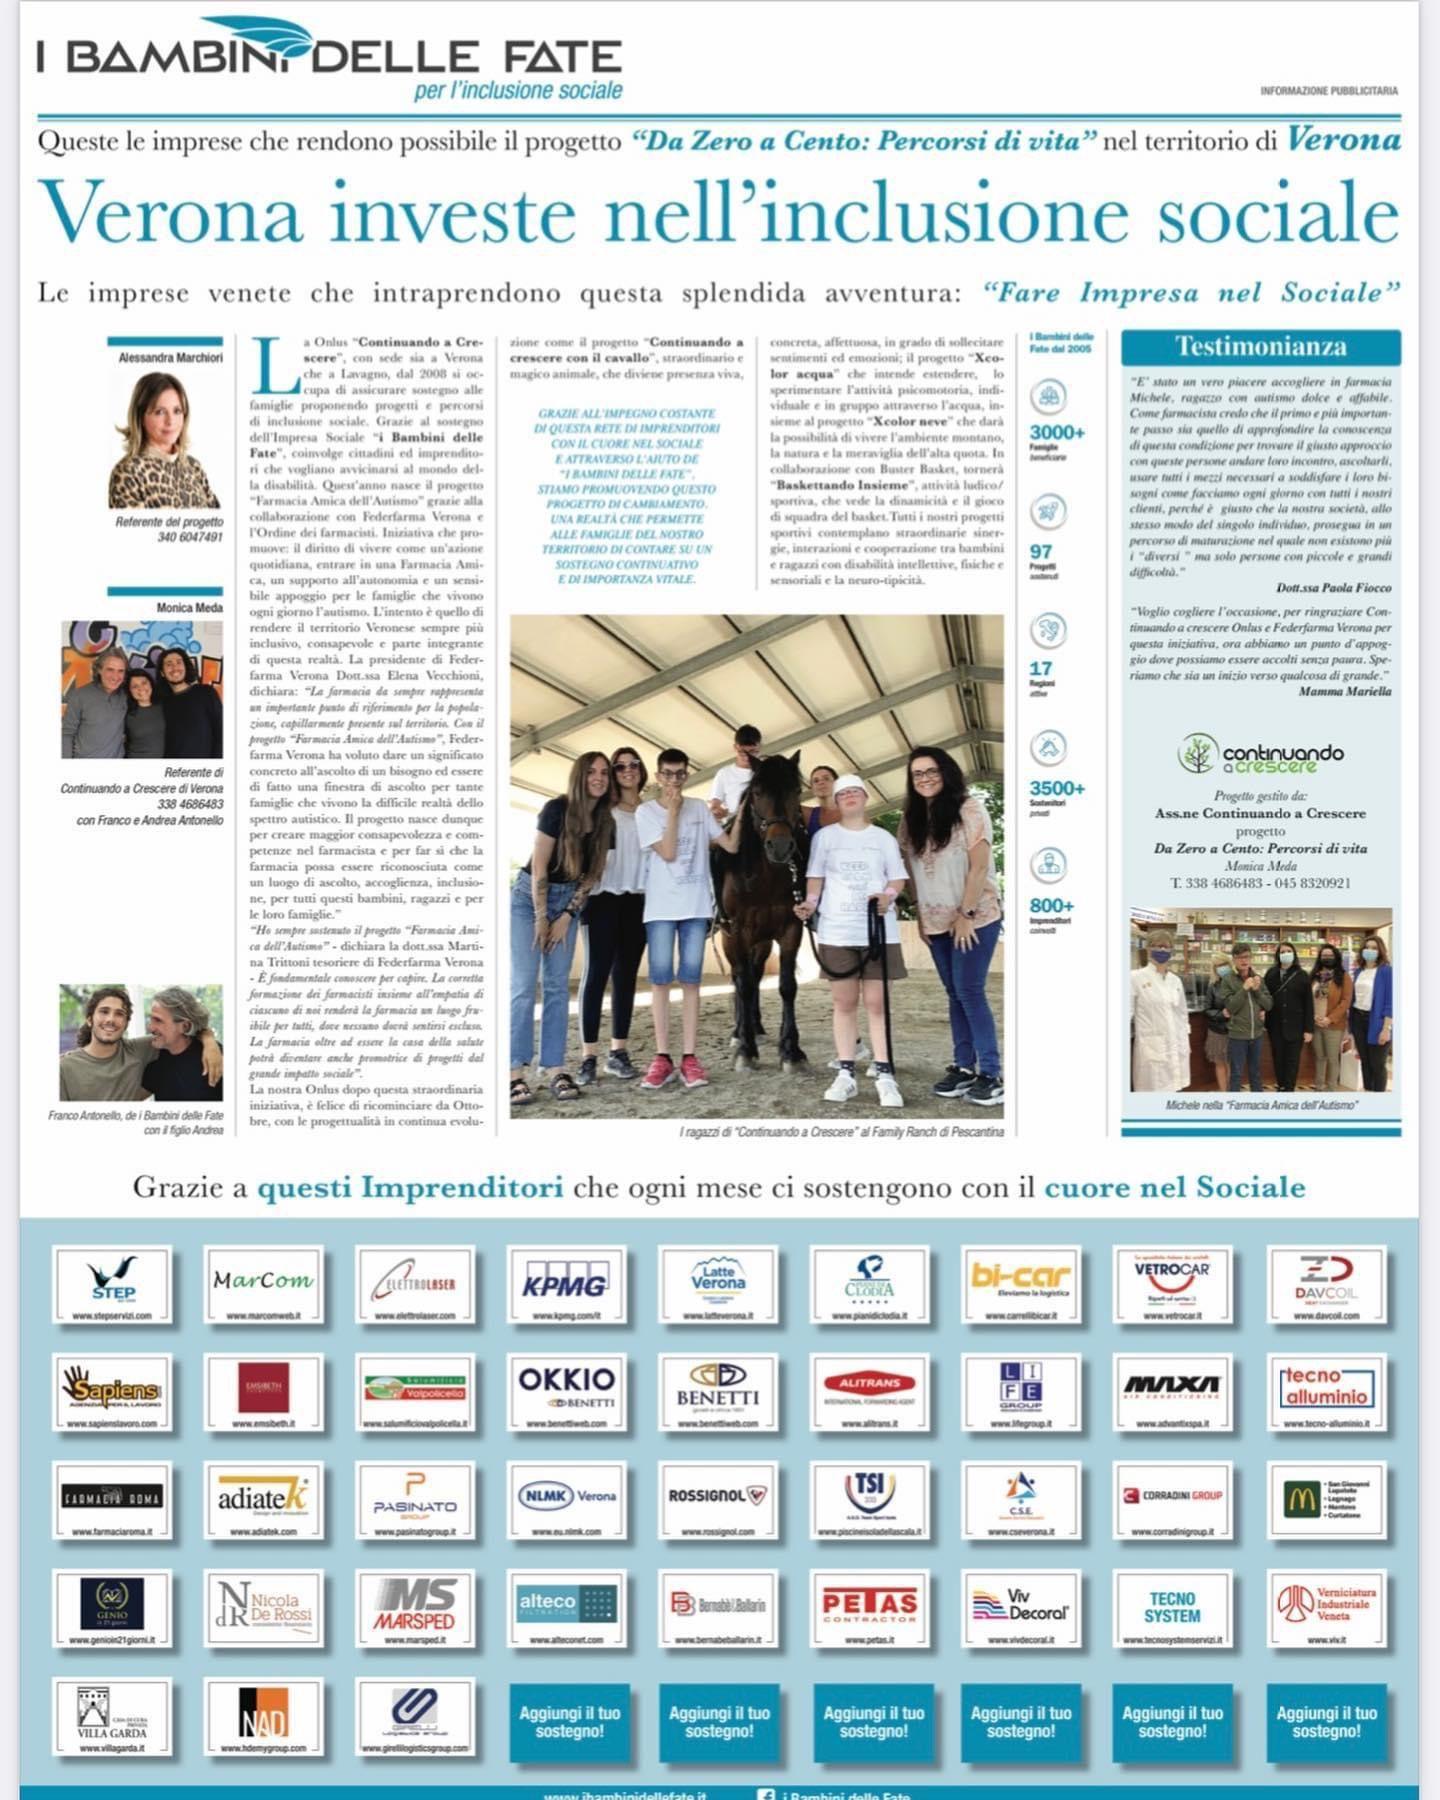 Verona investe nell'inclusione sociale